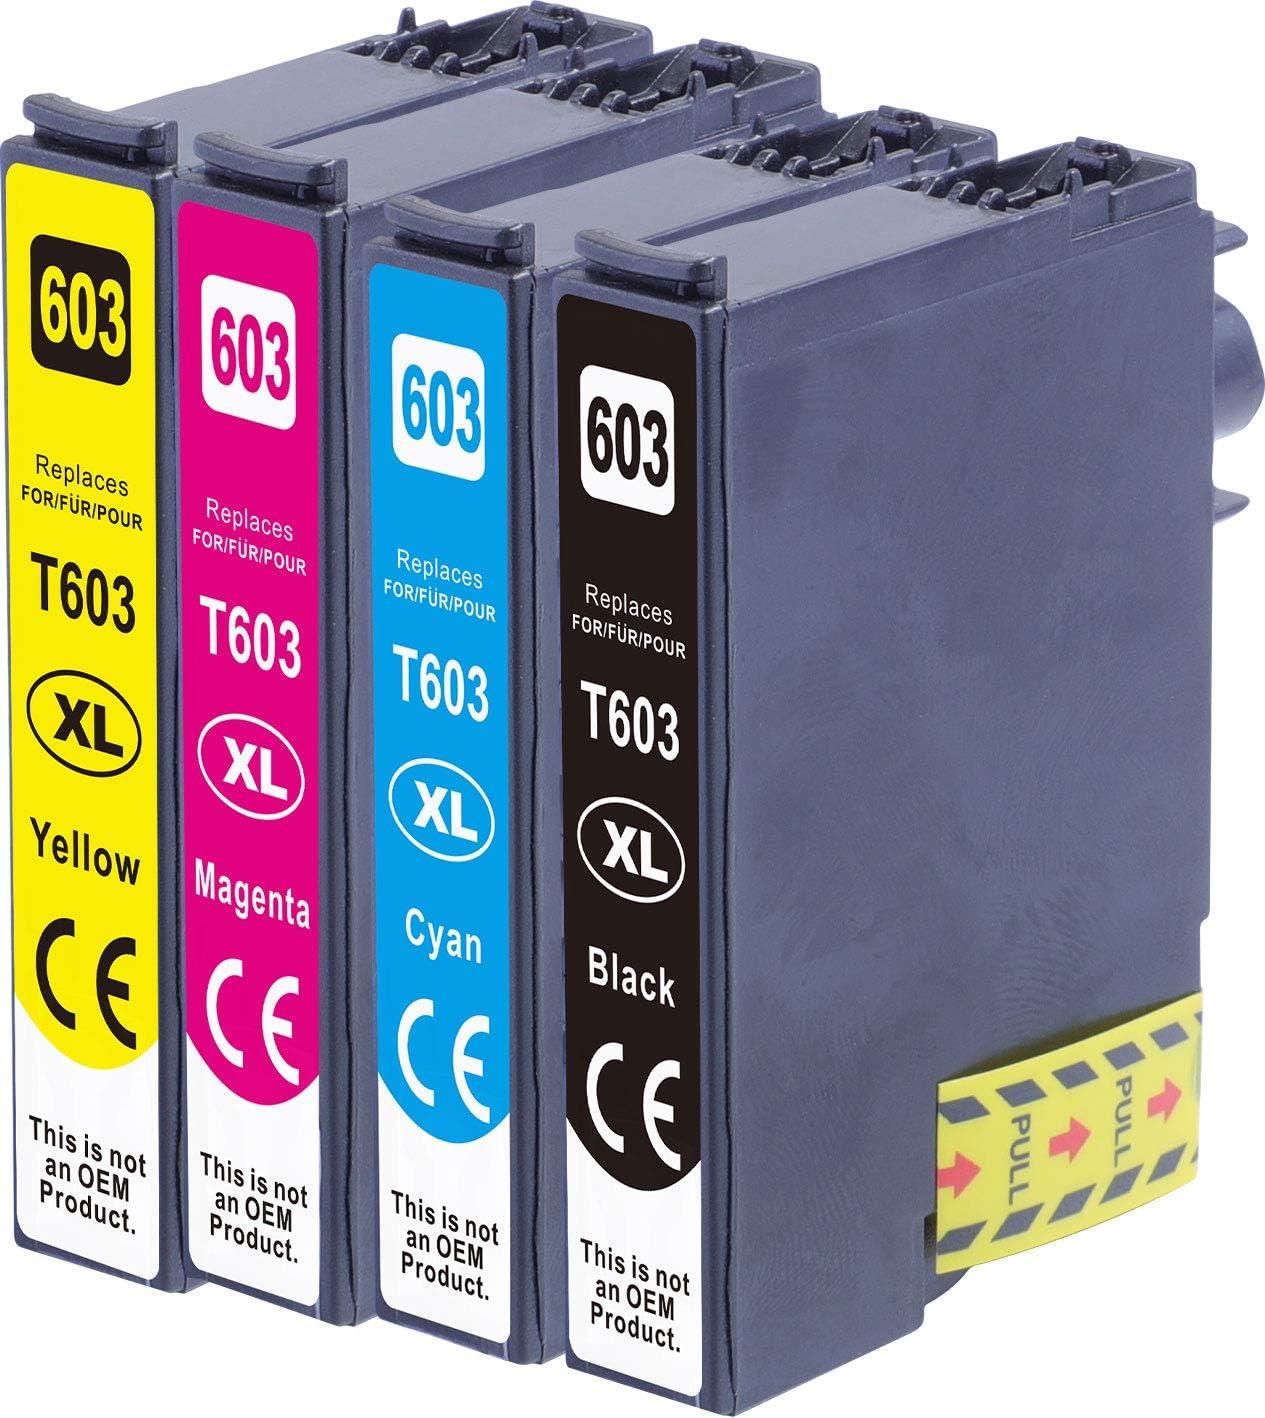 Obv Kompatible Tintenpatronen Als Ersatz Für Epson Nr 603 603xl Für Epson Expression Home Xp 2100 Xp 2105 Xp 3100 Xp 3105 Xp 4100 Xp 4105 Workforce Wf 2810 Dwf Wf 2830 Dwf Wf 2835dwf Wf 2850dwf Bürobedarf Schreibwaren